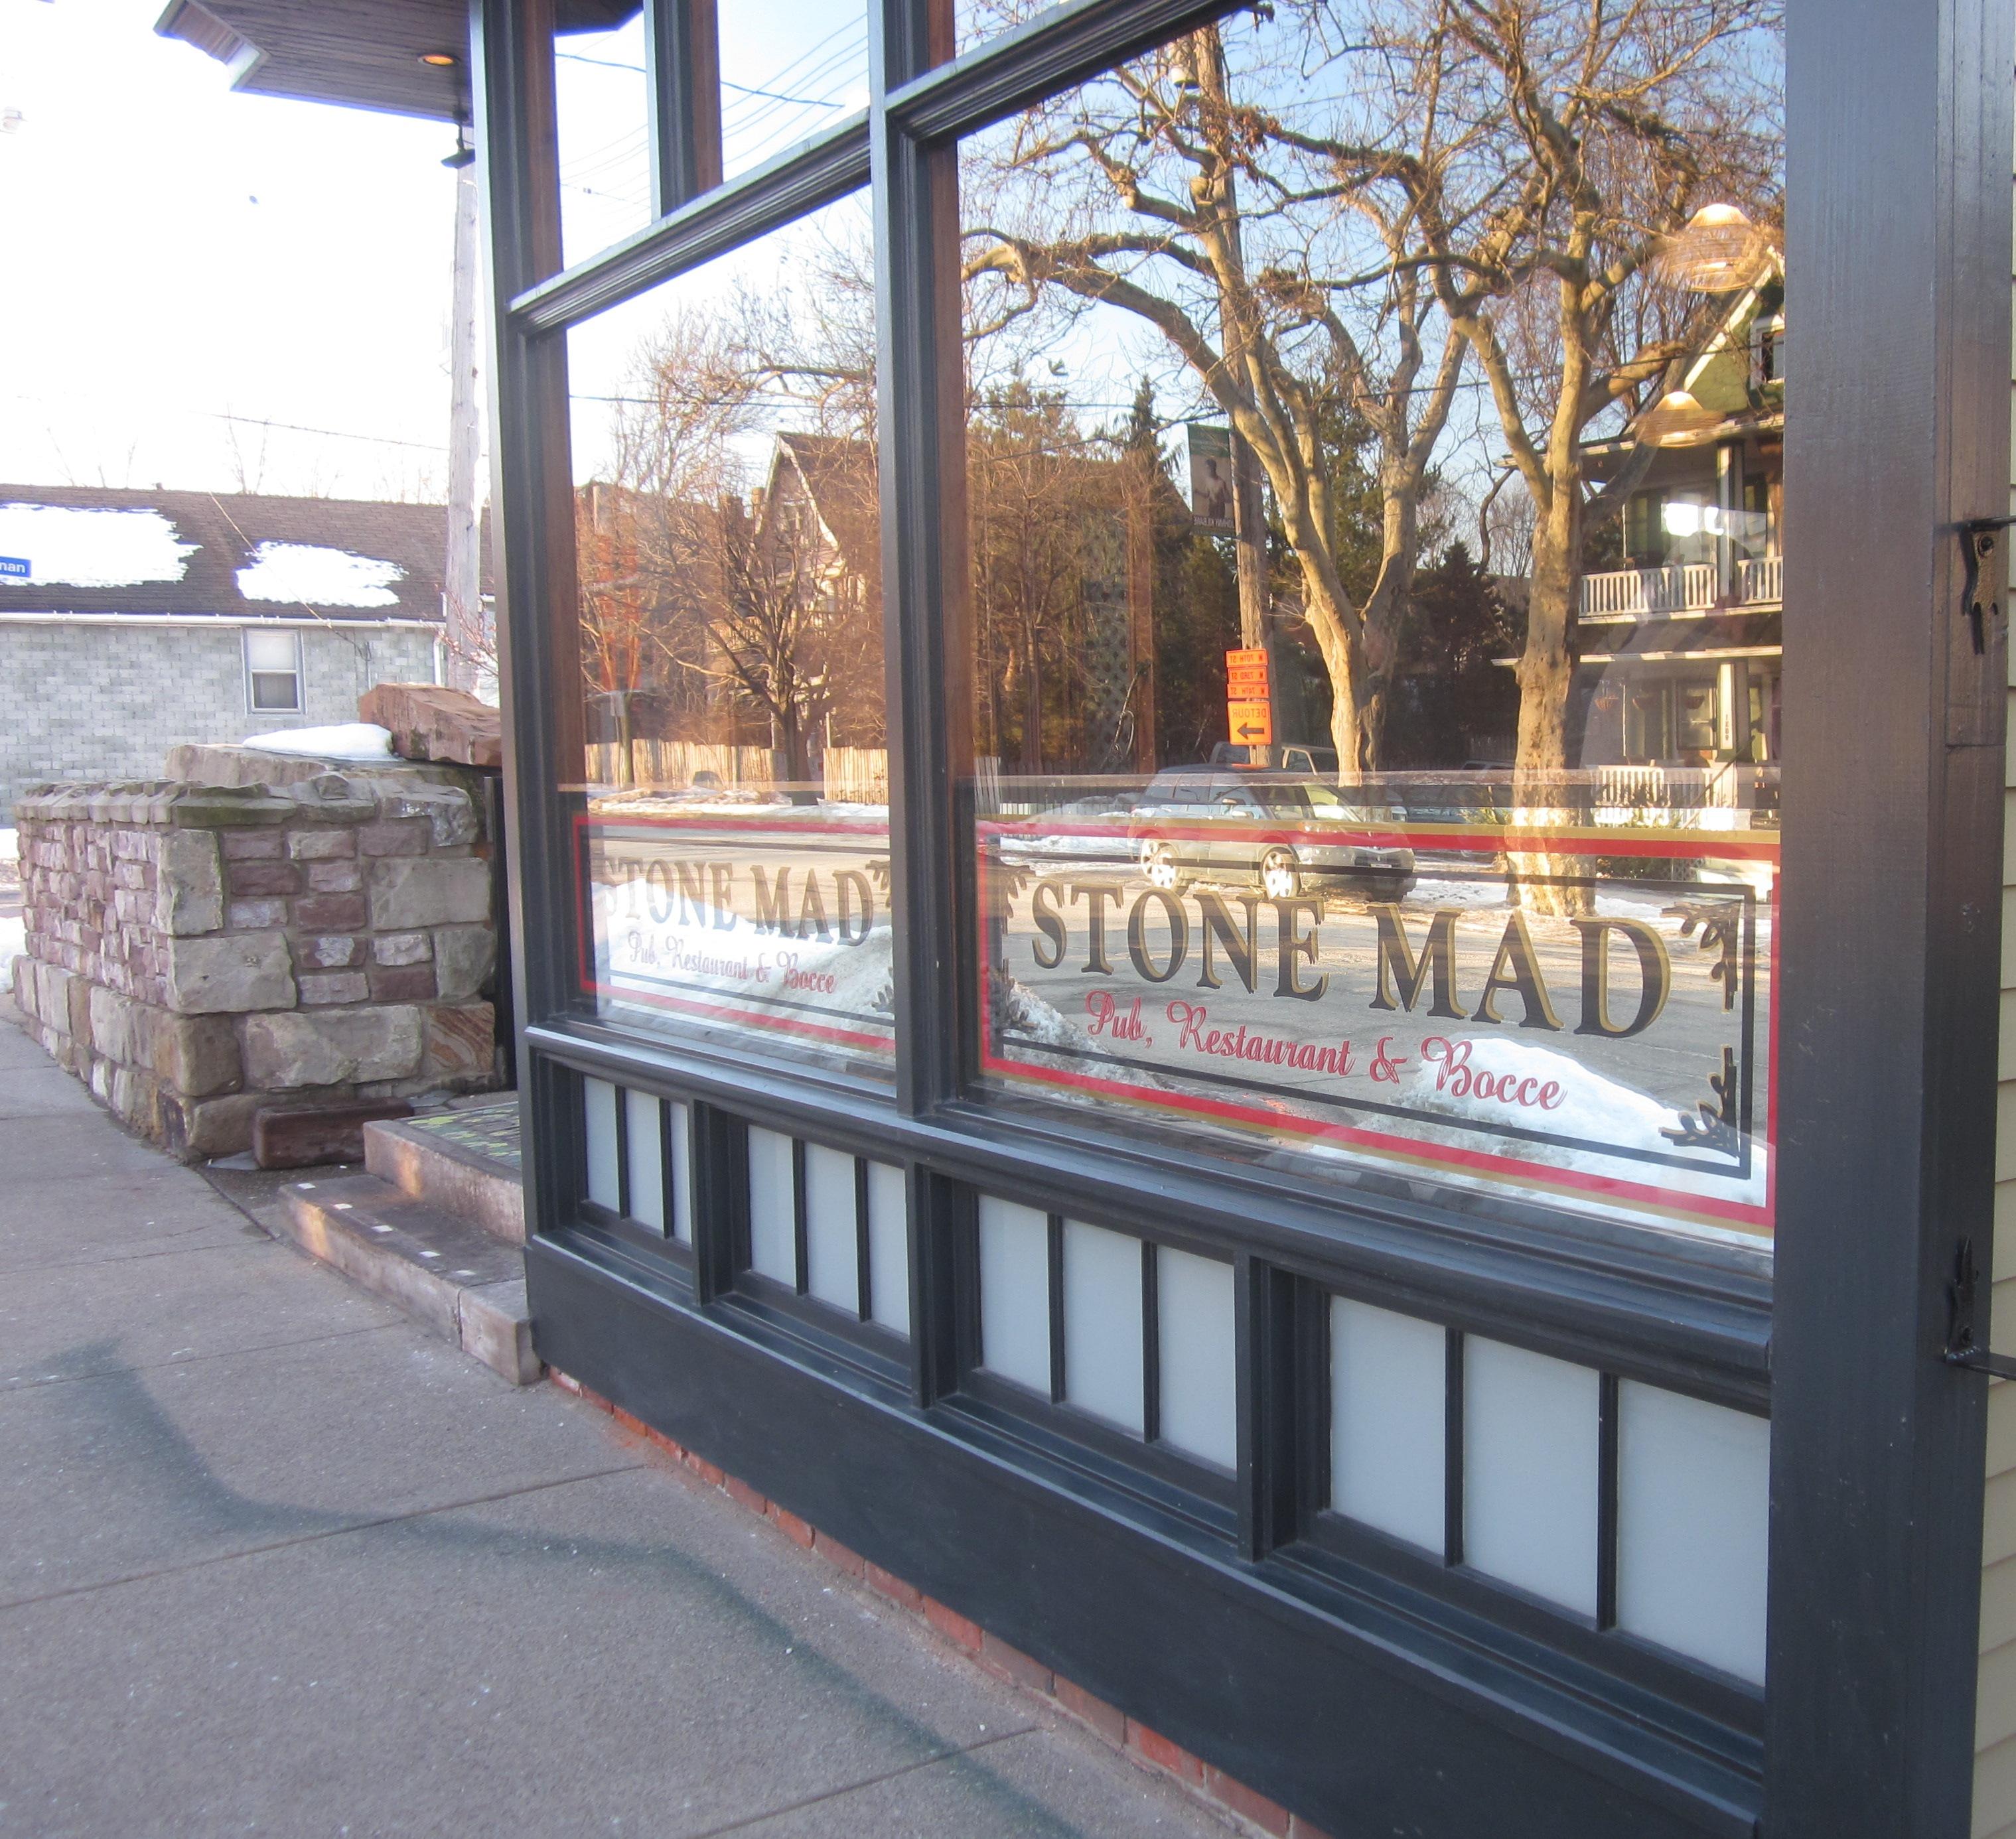 Stone Mad Pub